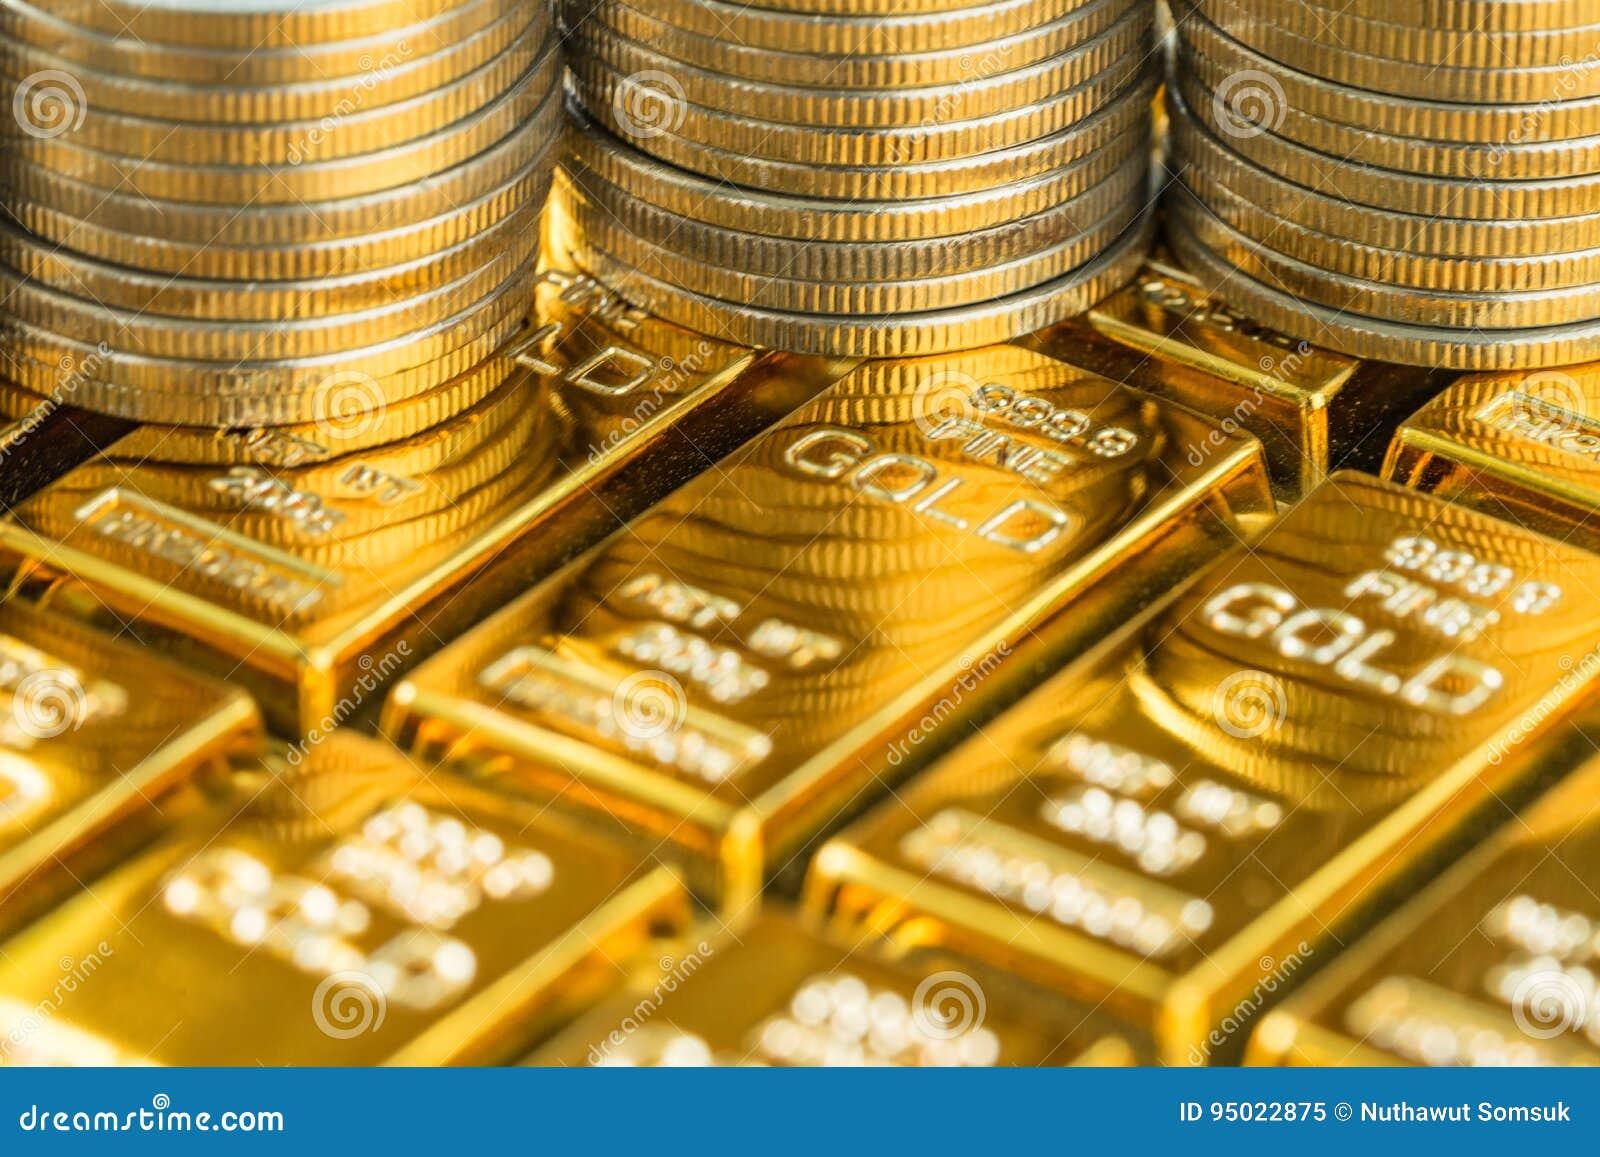 Закрытый вверх по съемке сияющего золота в слитках с стогом монеток как дело